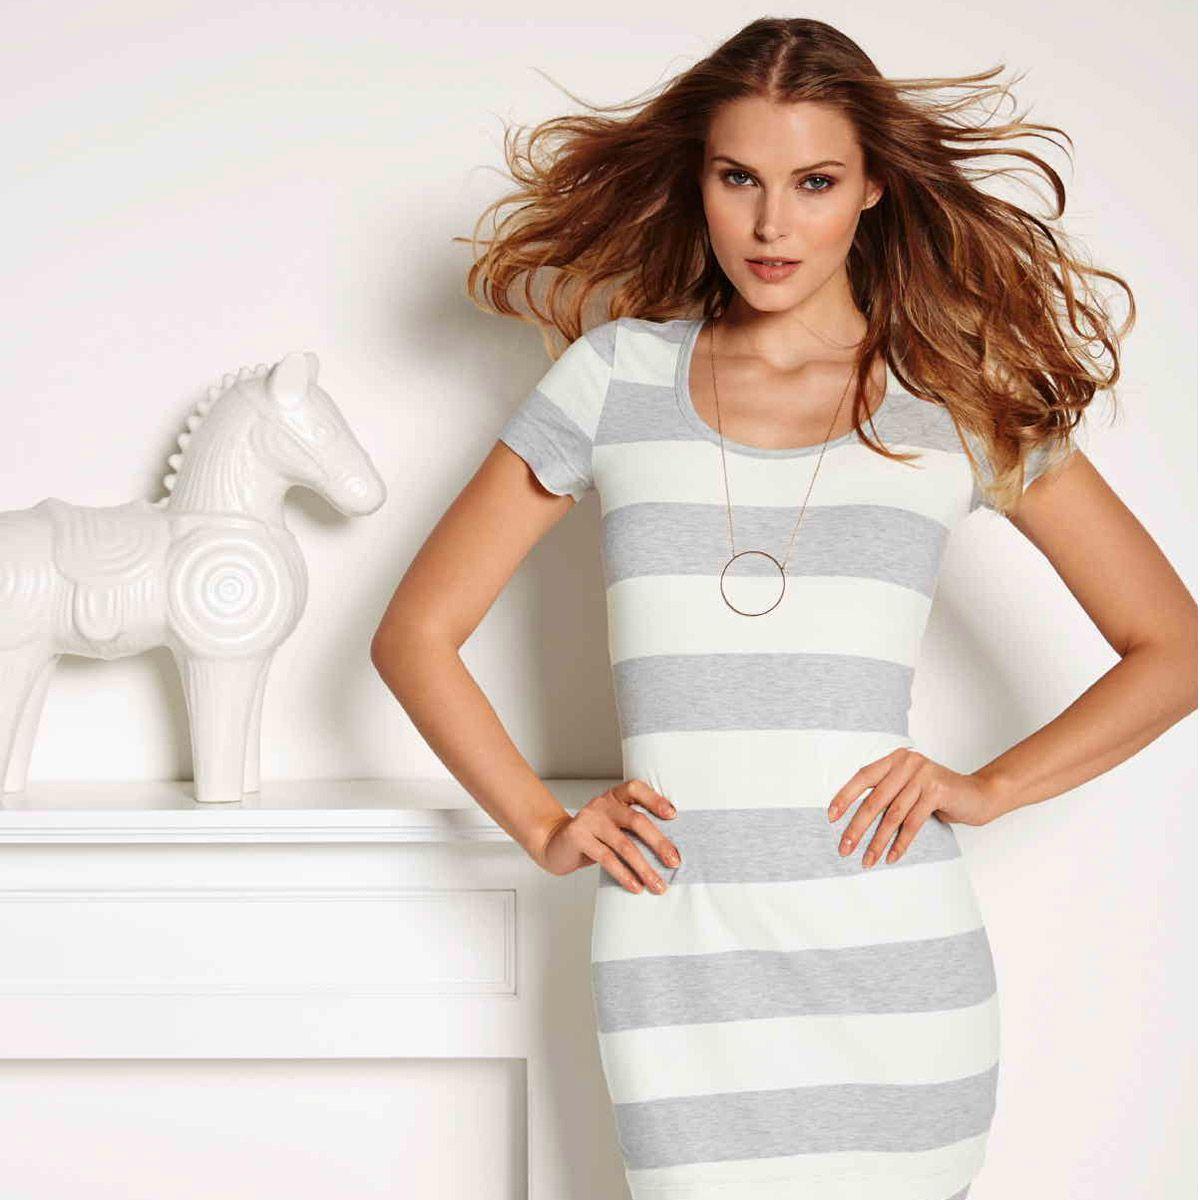 20642d1e4cc Lidl clothing range - Cheap clothes